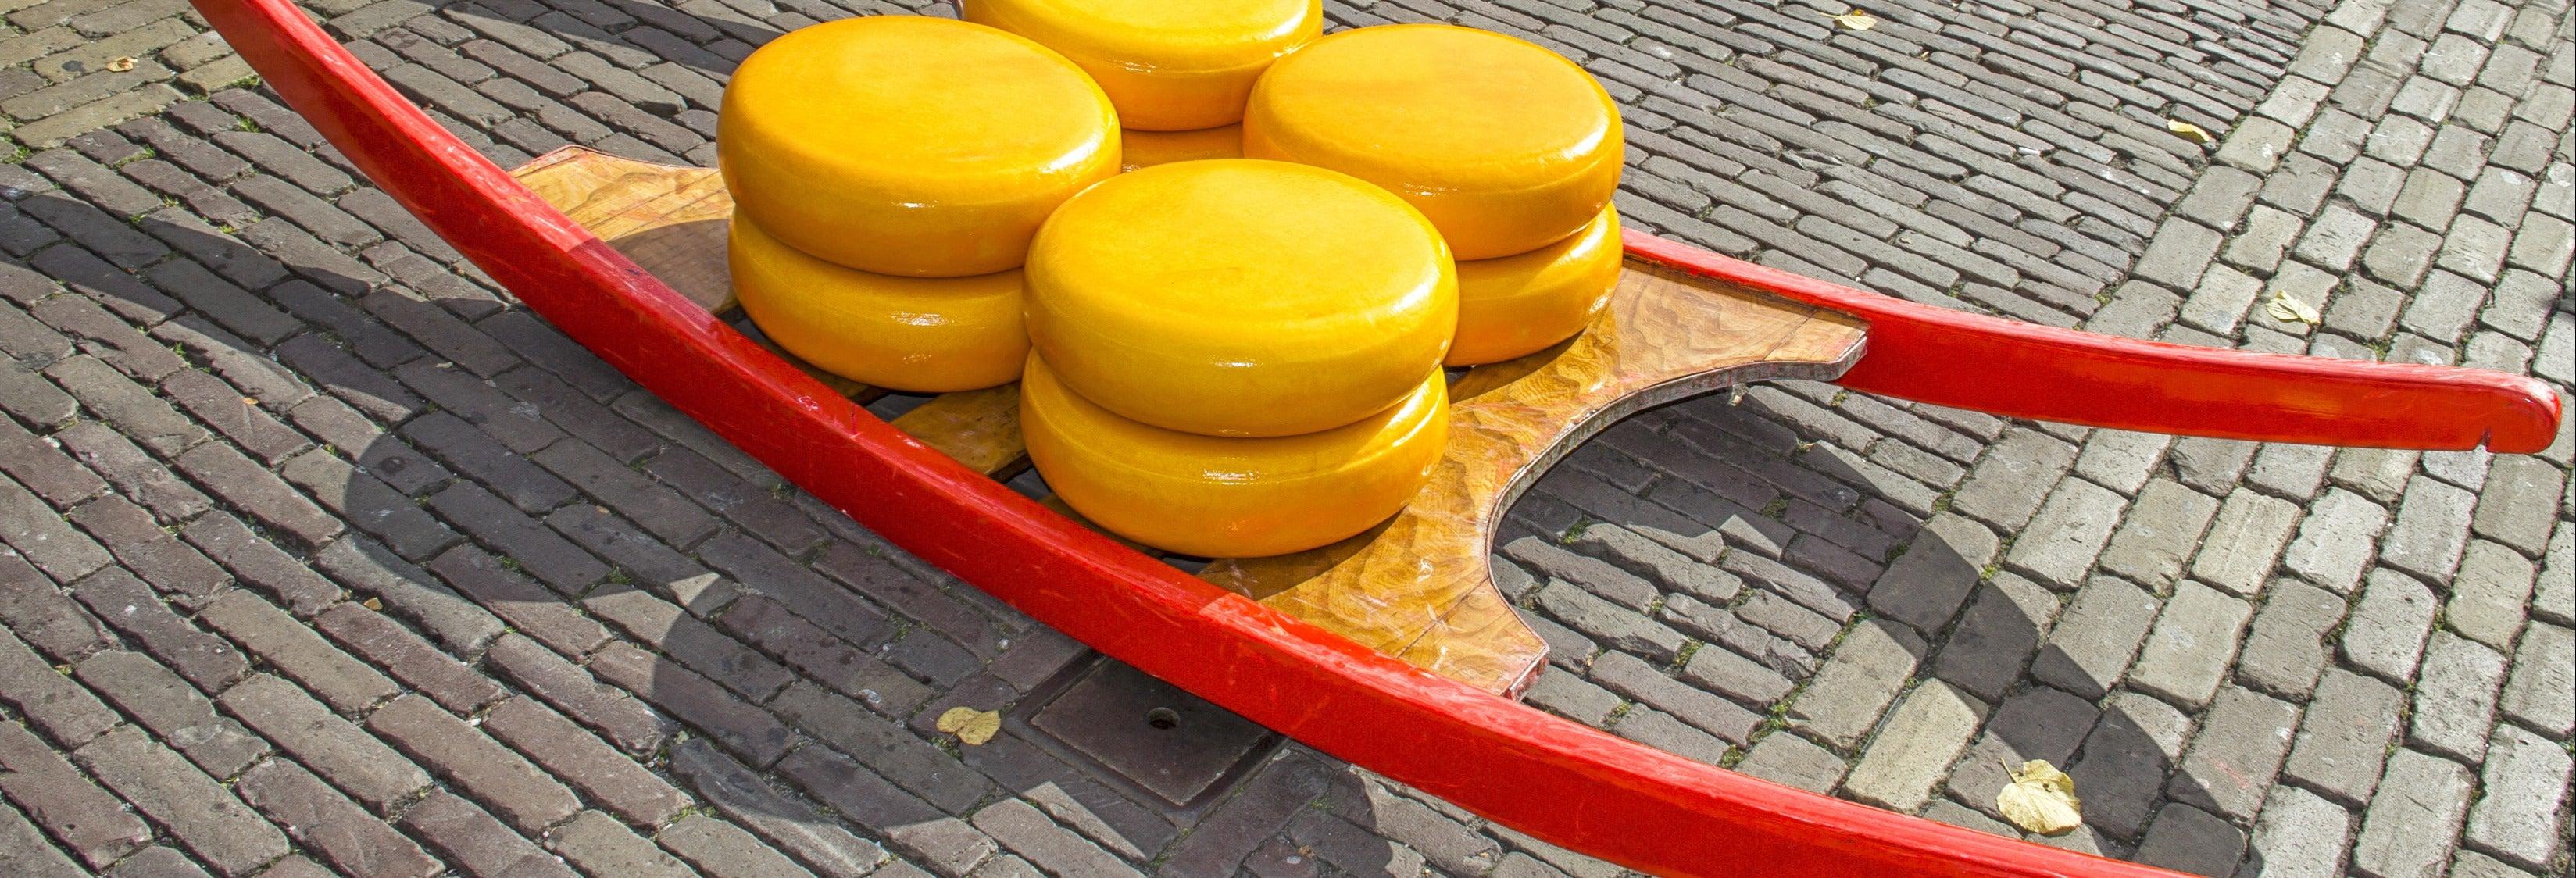 Escursione al mercato dei formaggi di Alkmaar